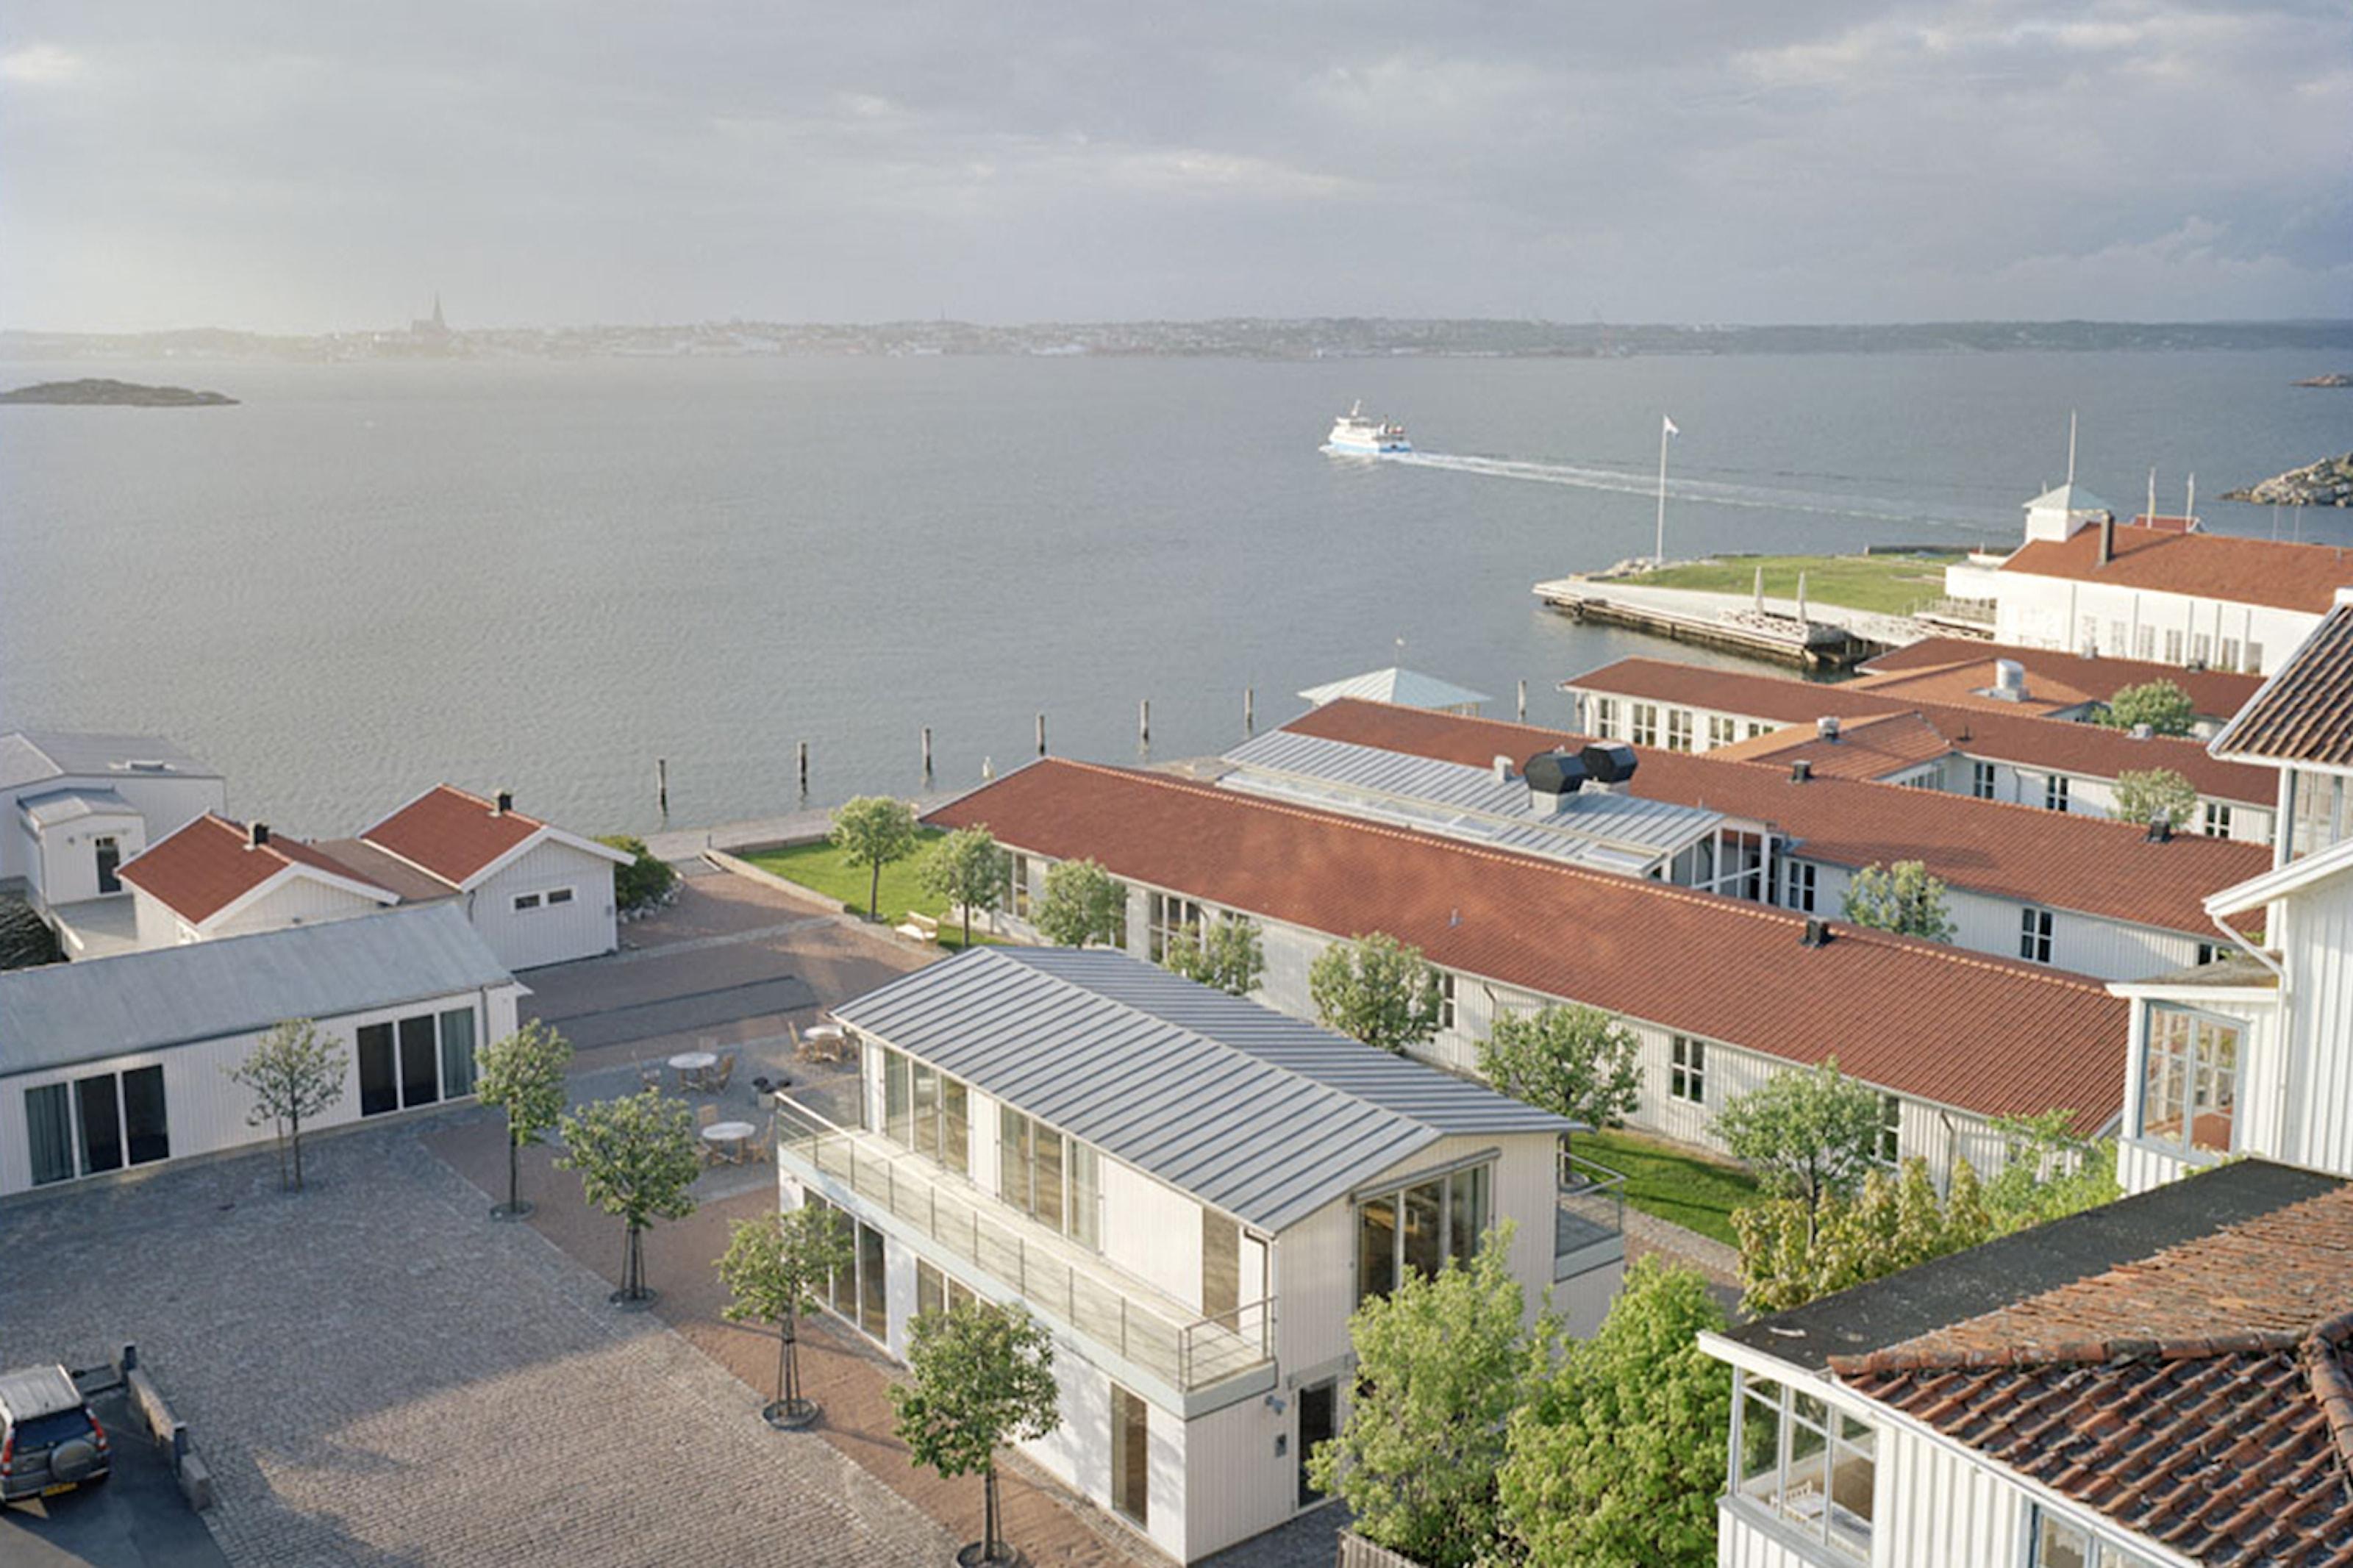 Västkustmys för 2 på Gullmarsstrand hotell